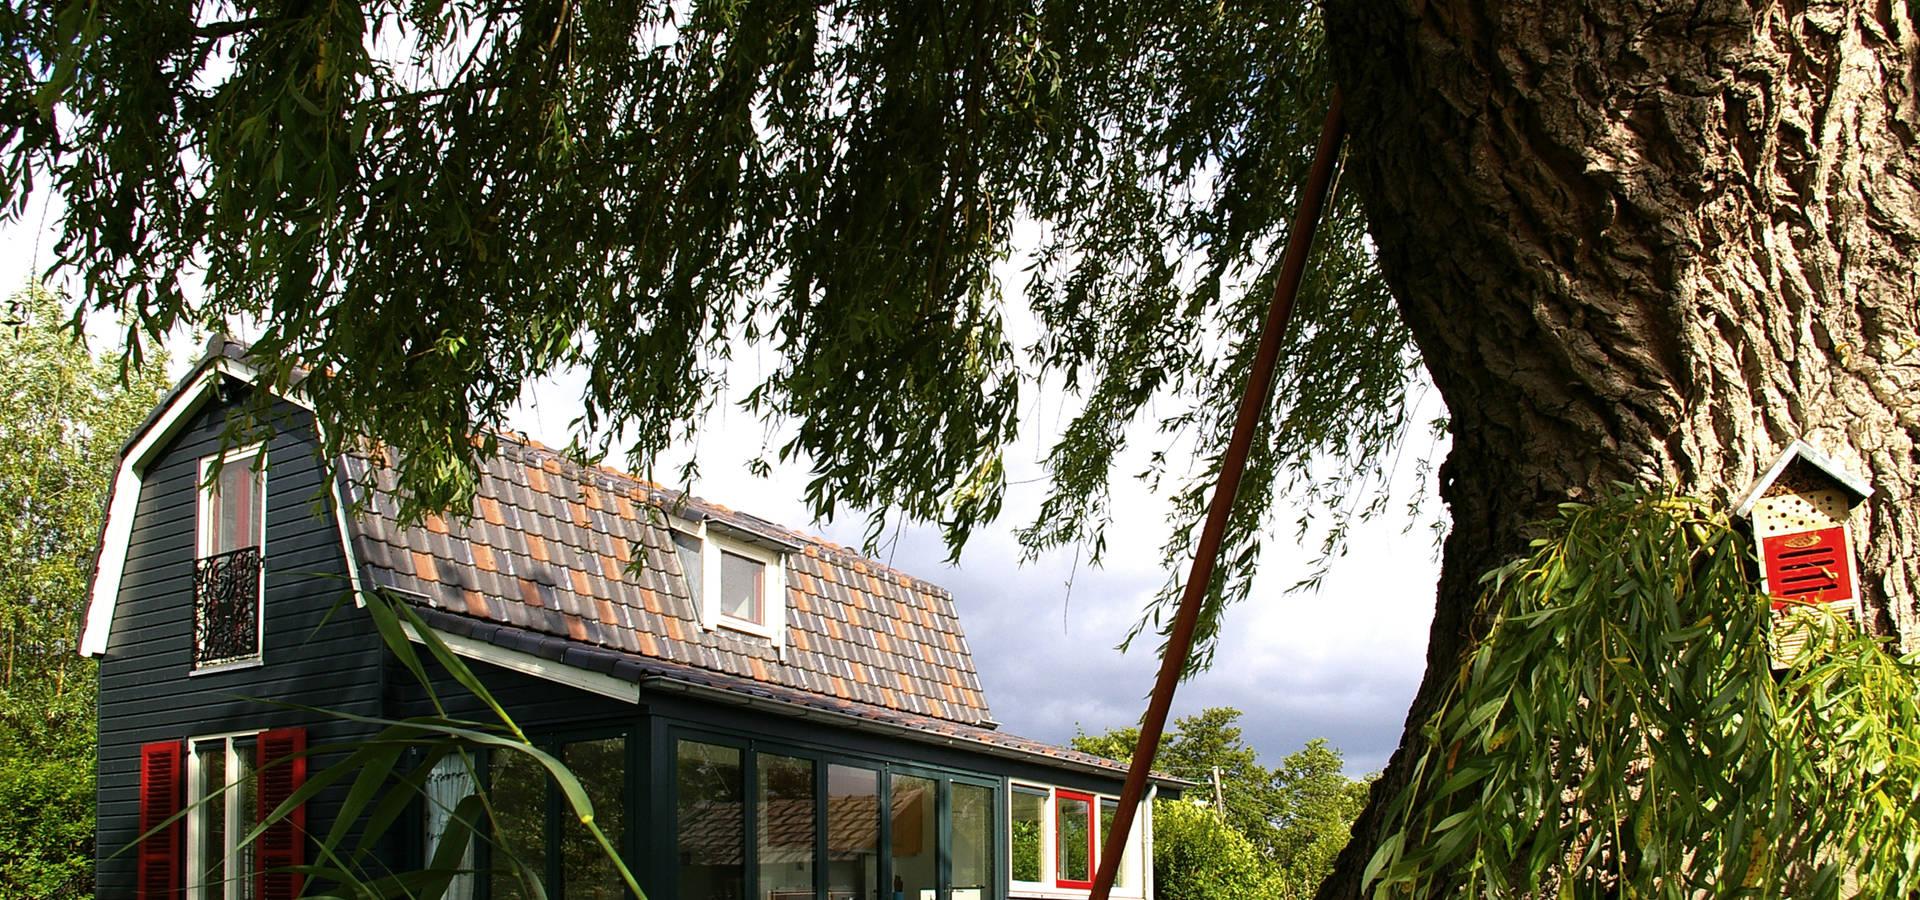 Architectenbureau Rutten van der Weijden